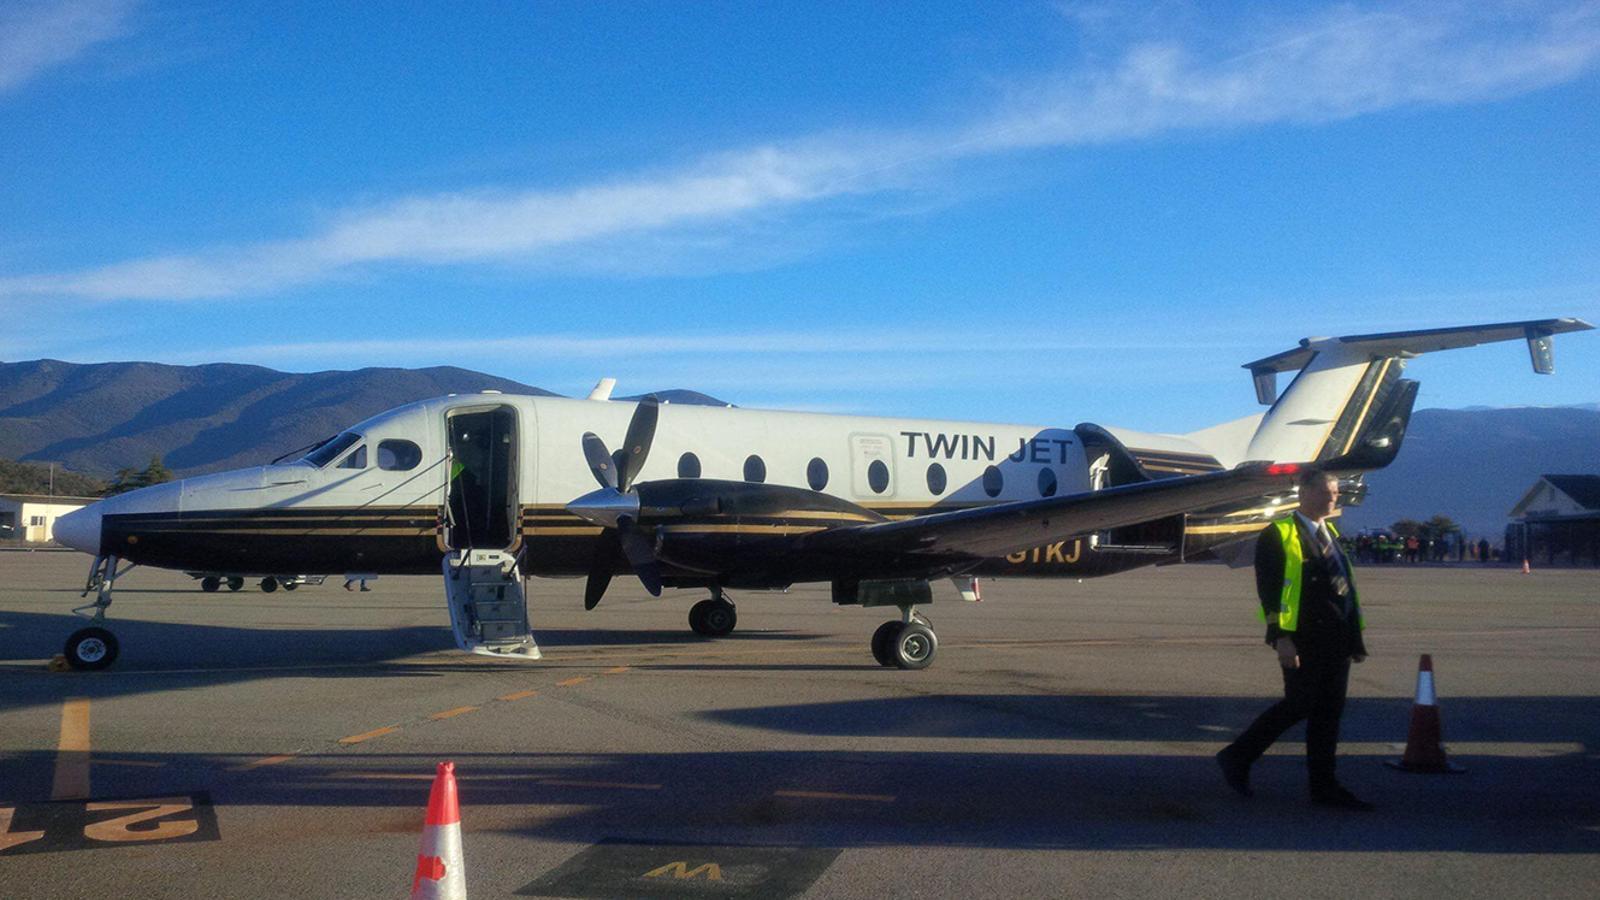 Un avió de petites dimensions que pot aterrar en aeroports mitjans. / Arxiu ANA